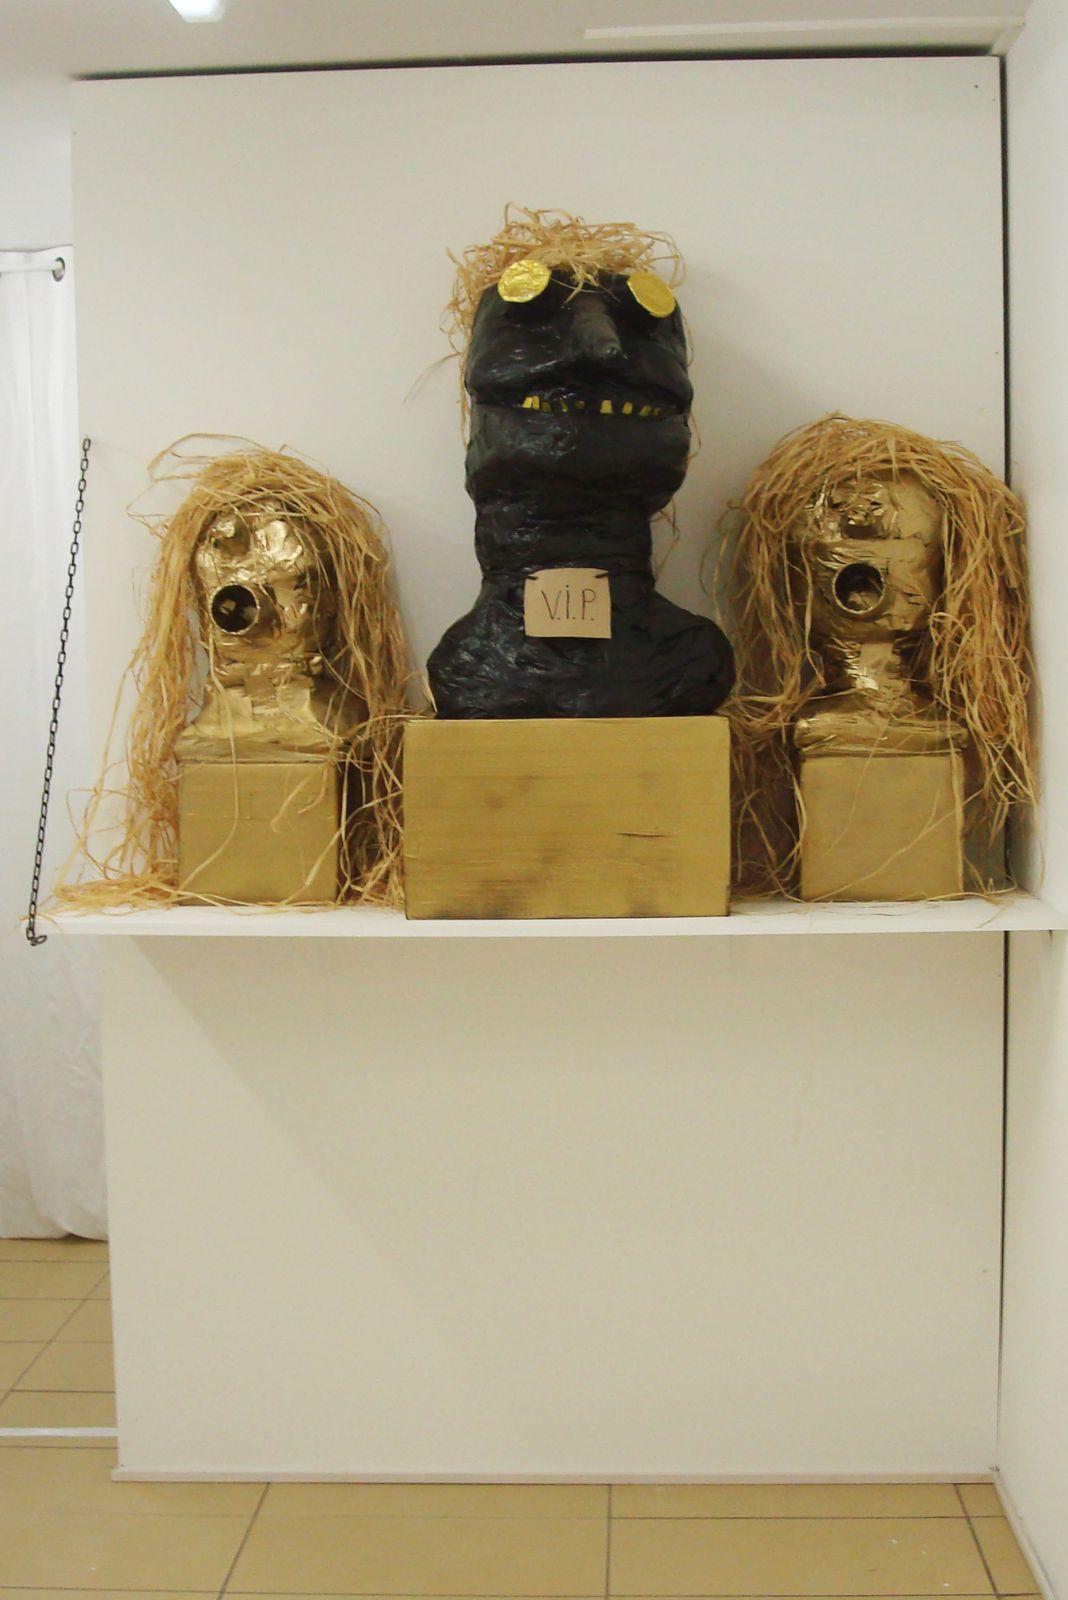 Exposition collective d'art contemporain du 30/09 au 15/10 Galerie ouverte du lundi au samedi de 10h à 13h et de 16h à 19h30avec Jose Pareja, Andoni Guiresse Dupérou, Manu Berque, et Mary Aznar